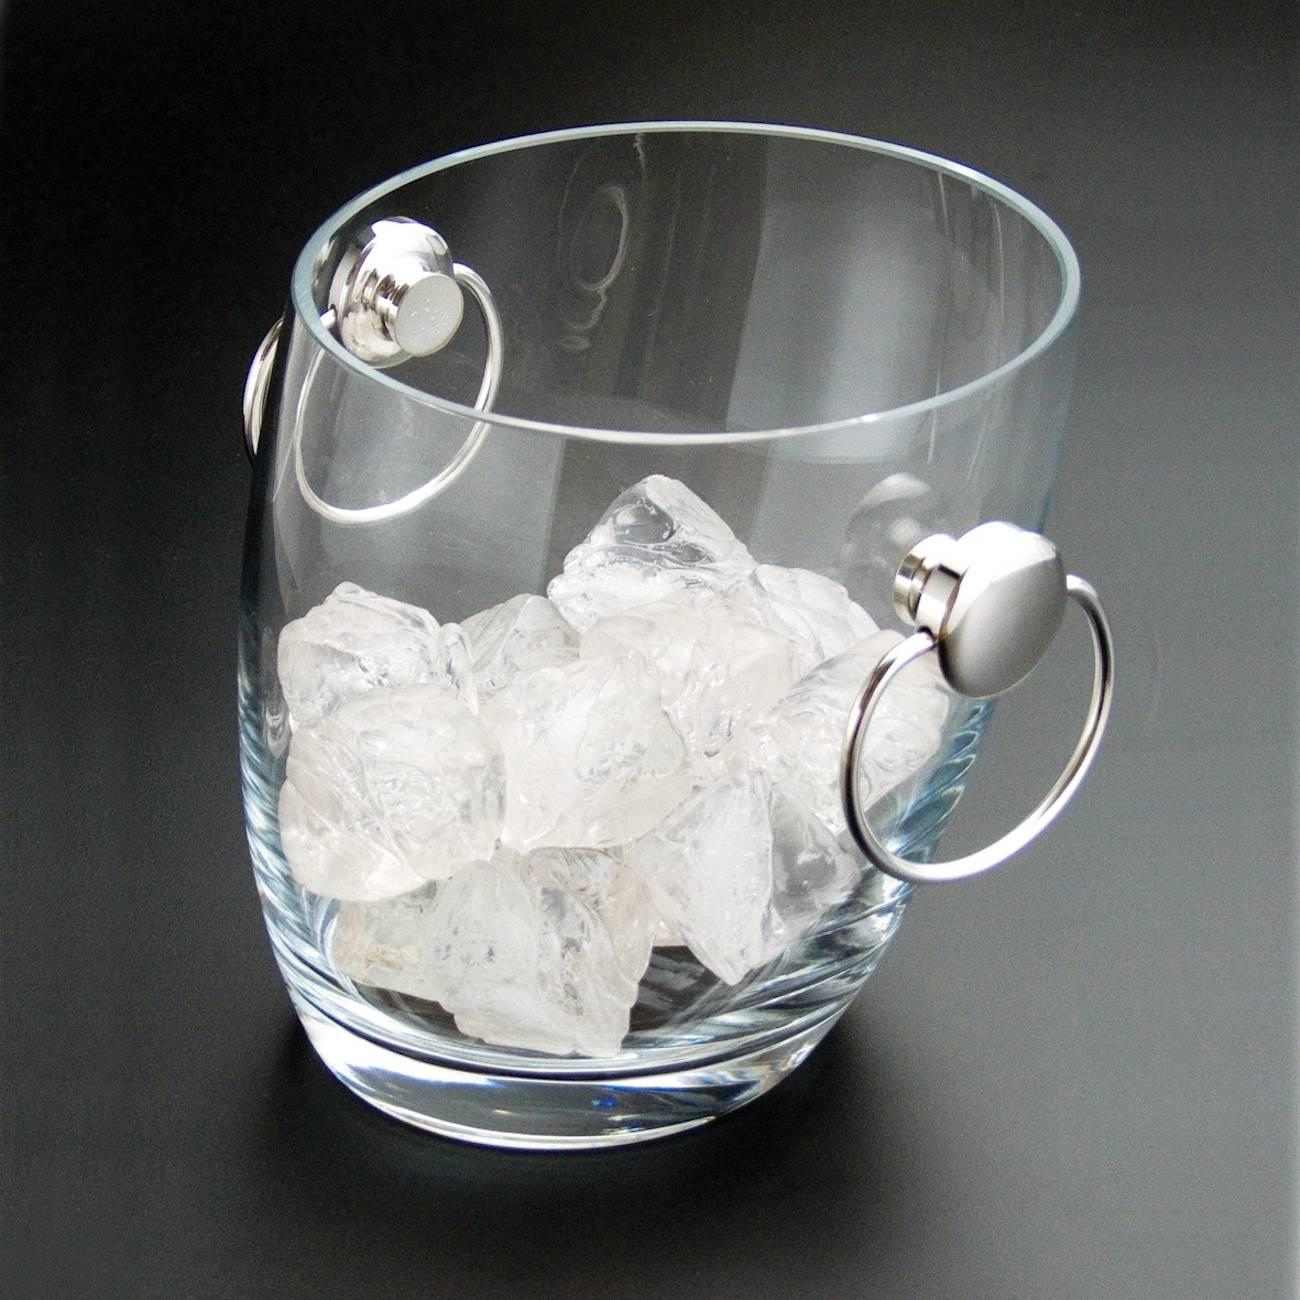 Balde para Gelo Iris Pequeno em Vidro com Alça Cromada - Wolff - 16x15 cm